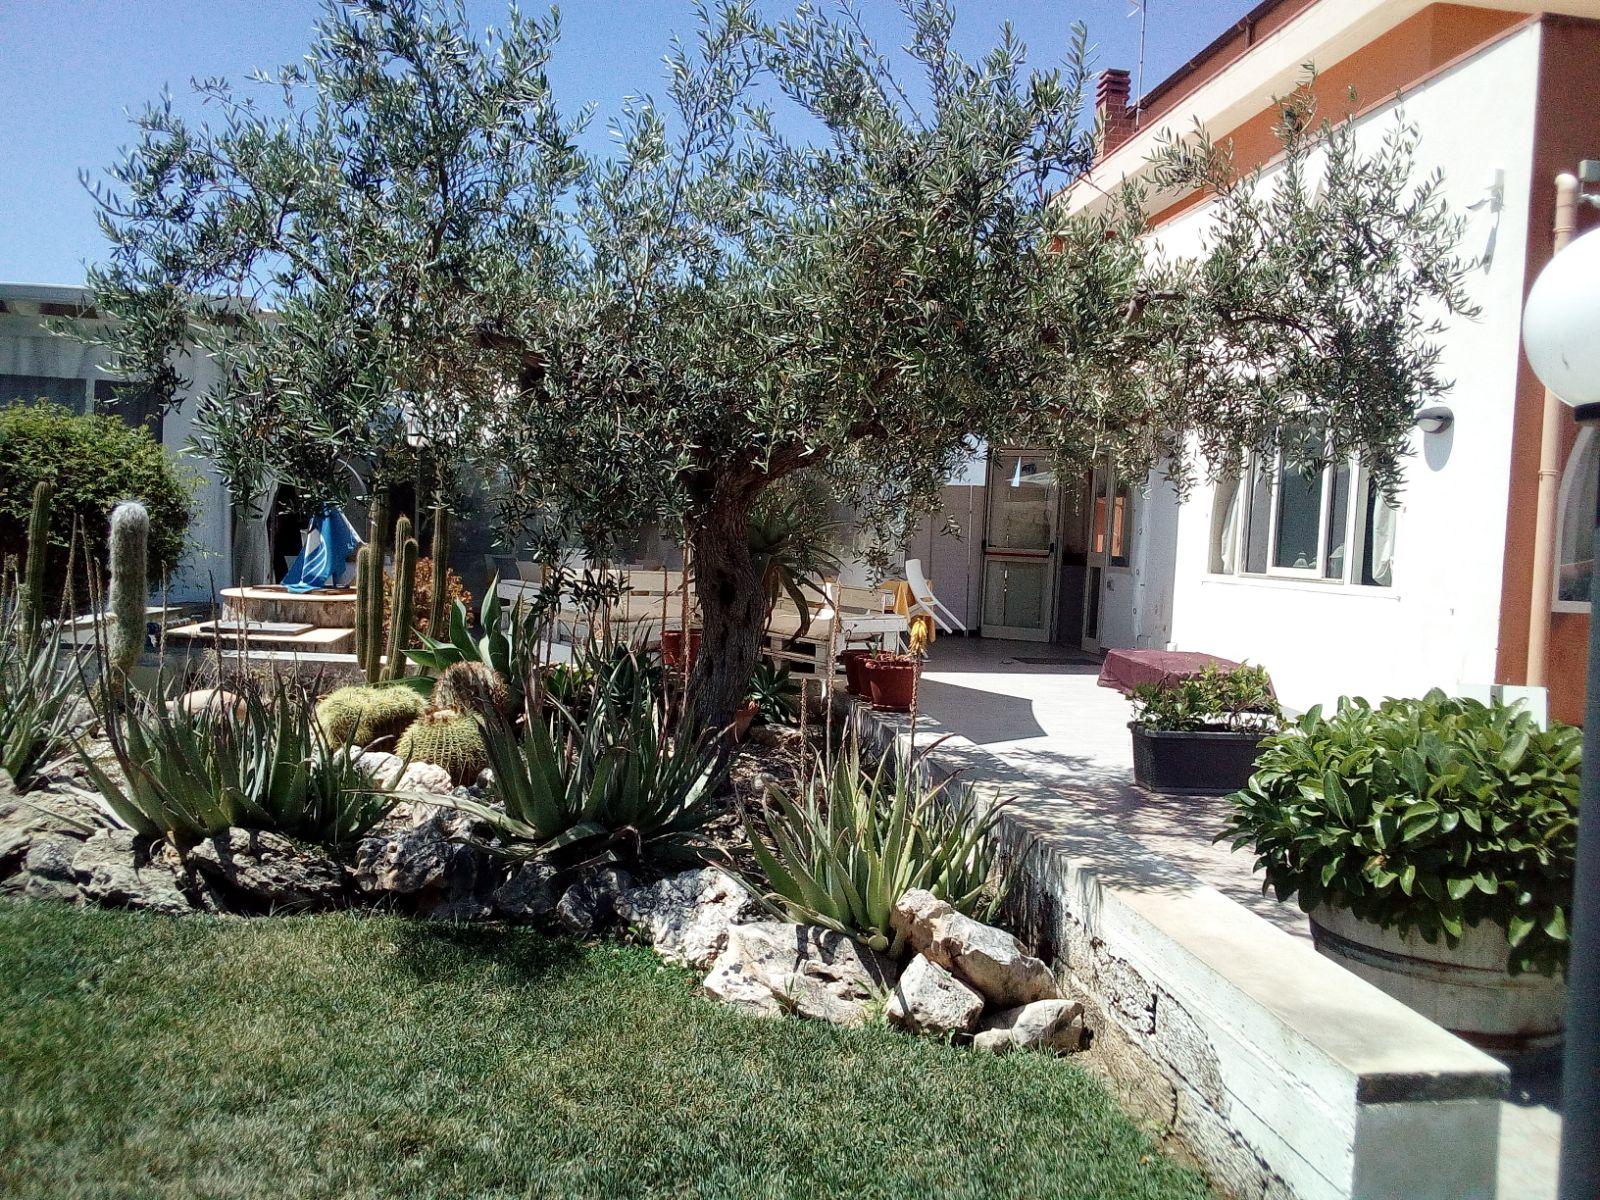 Villa_Plasi_Menfi_Appartamento_Ristorante_5